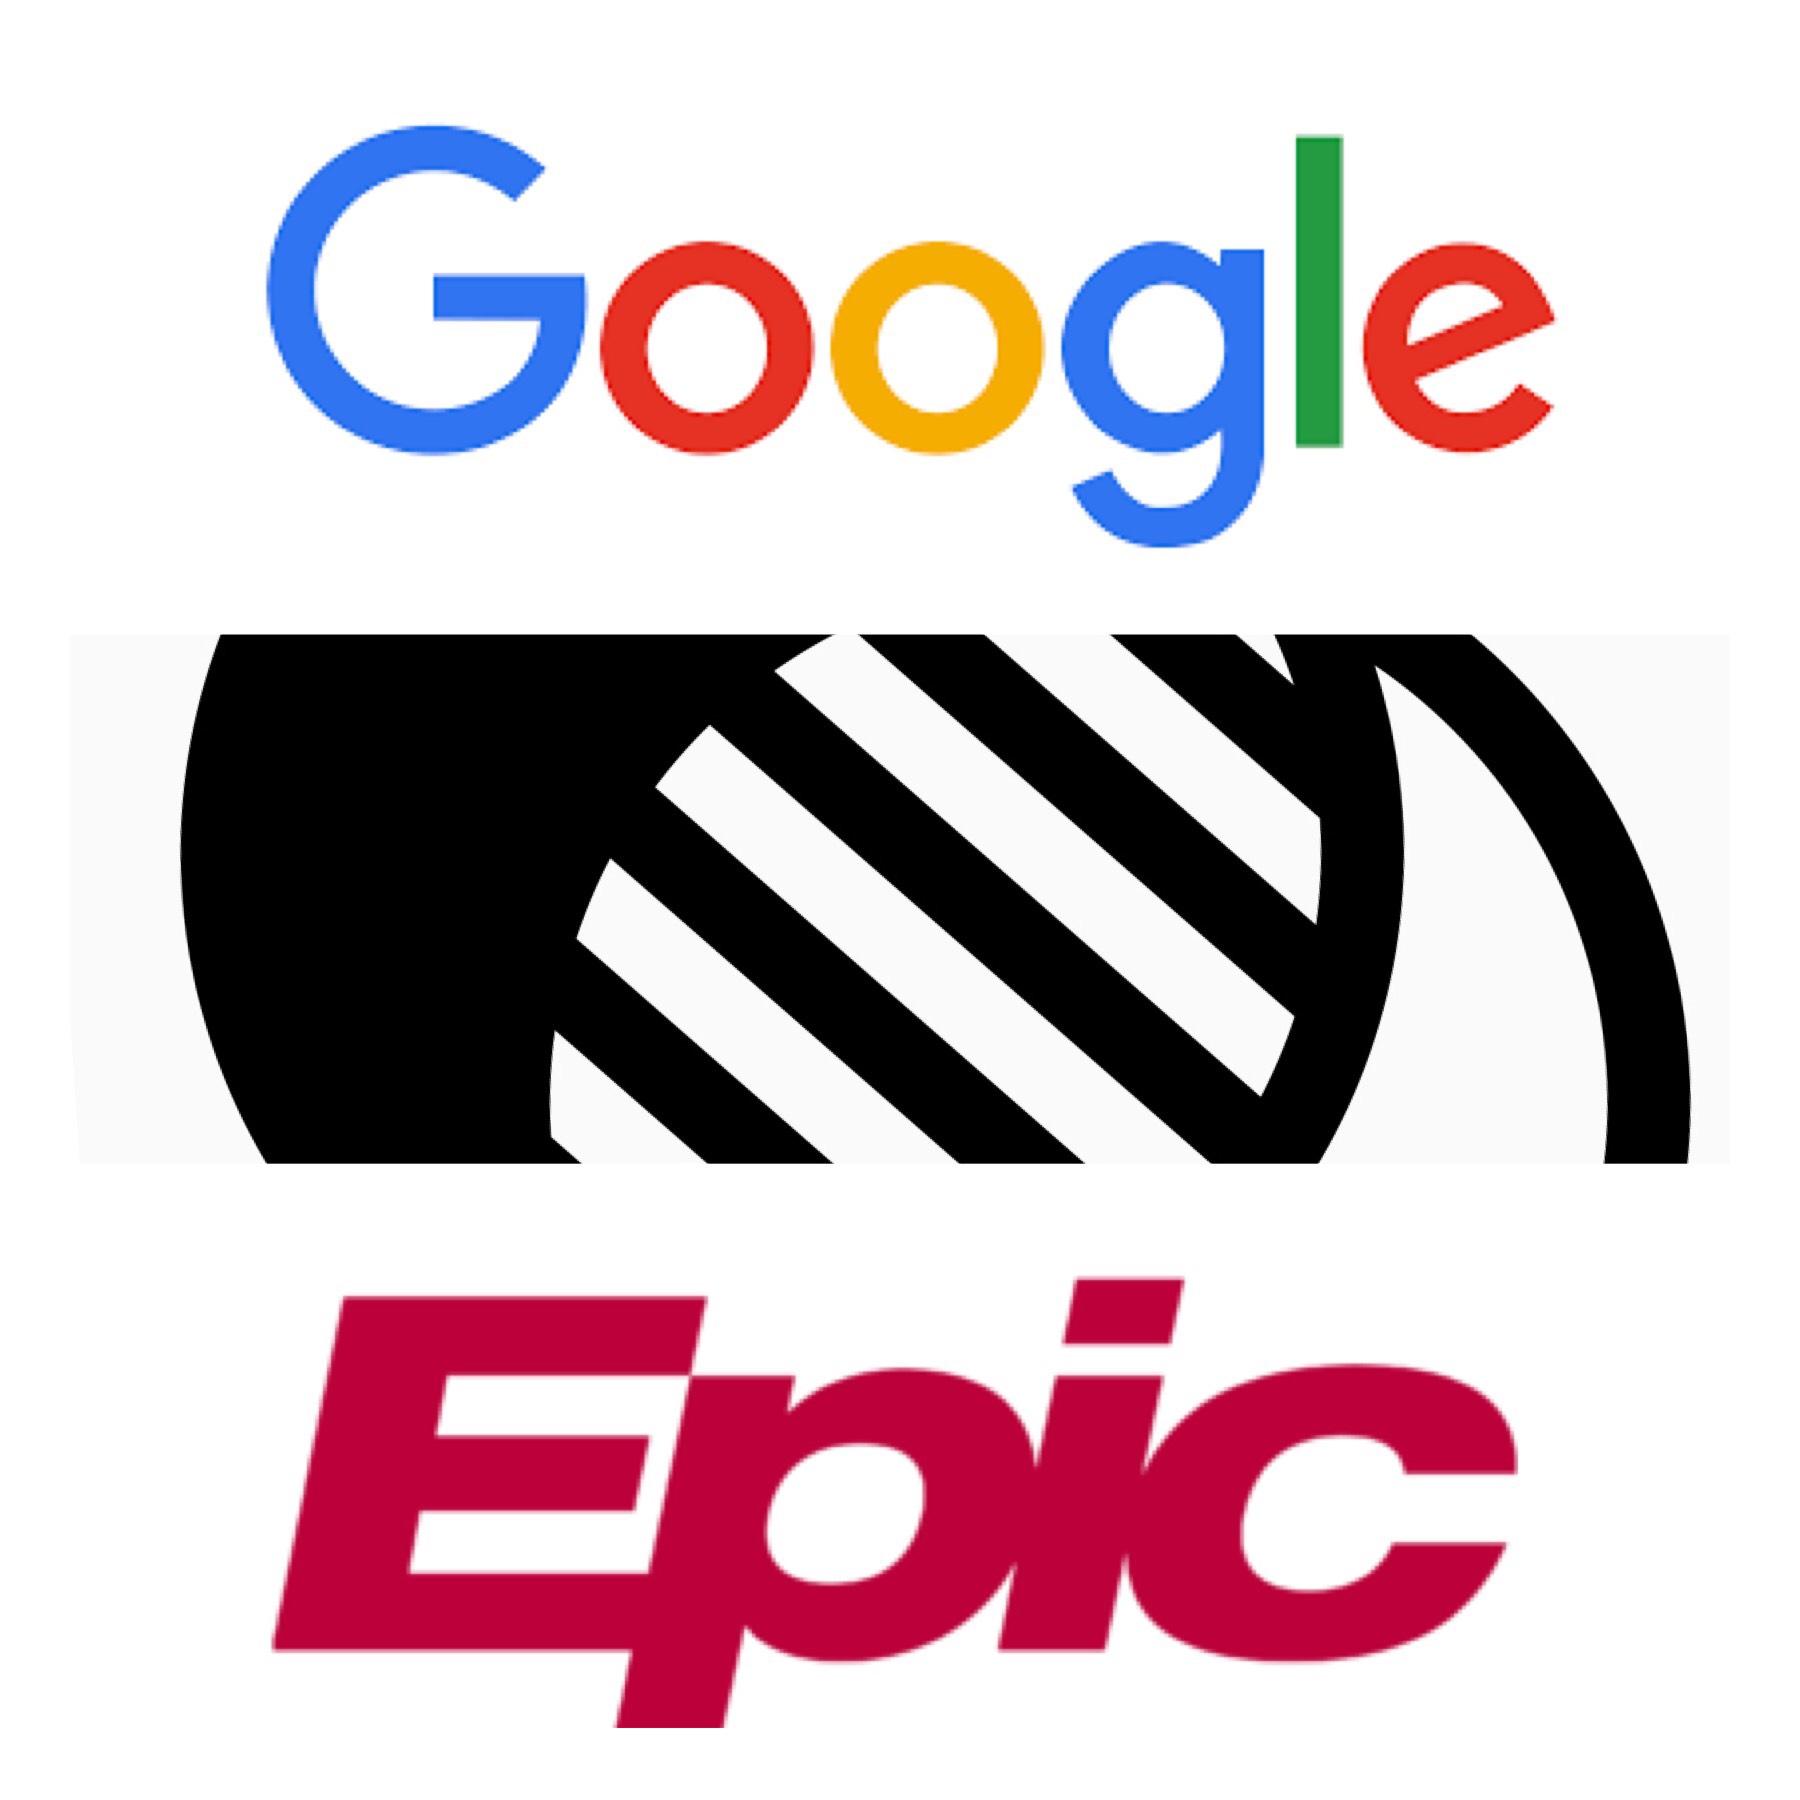 Google.n.Epic.jpg